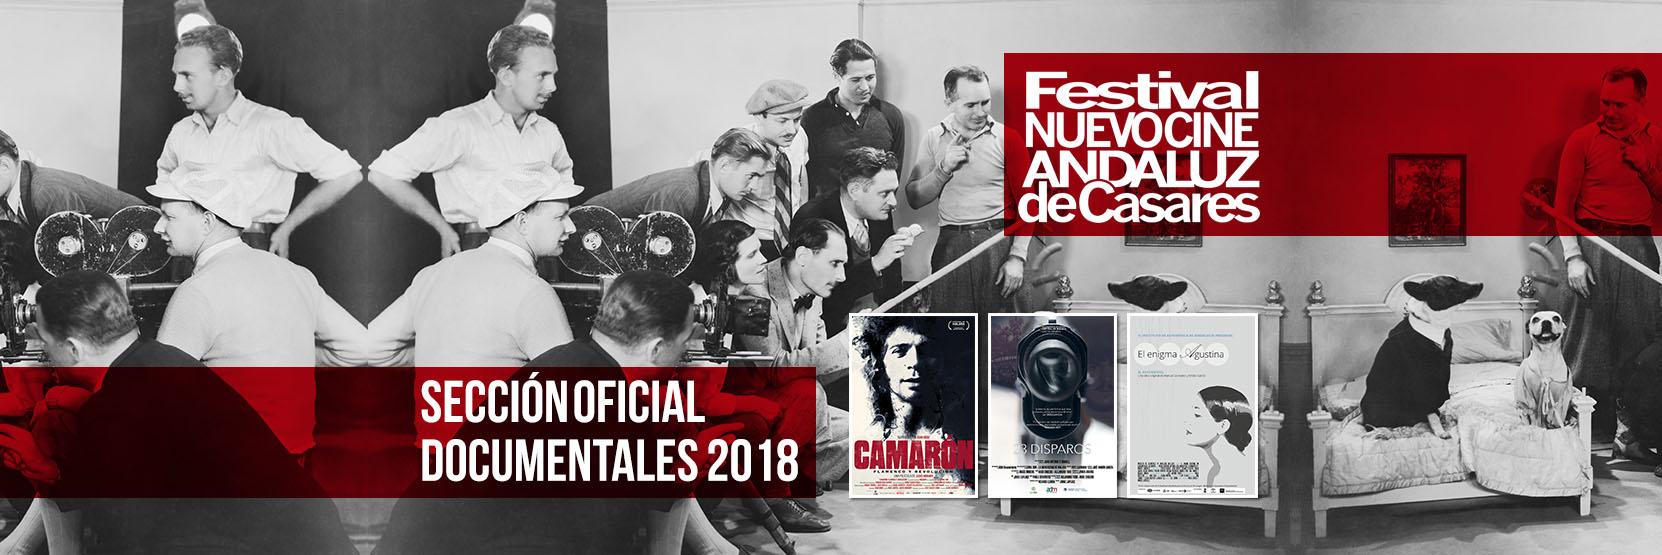 Sección Oficial Documentales Nuevo Cine Andaluz 2018